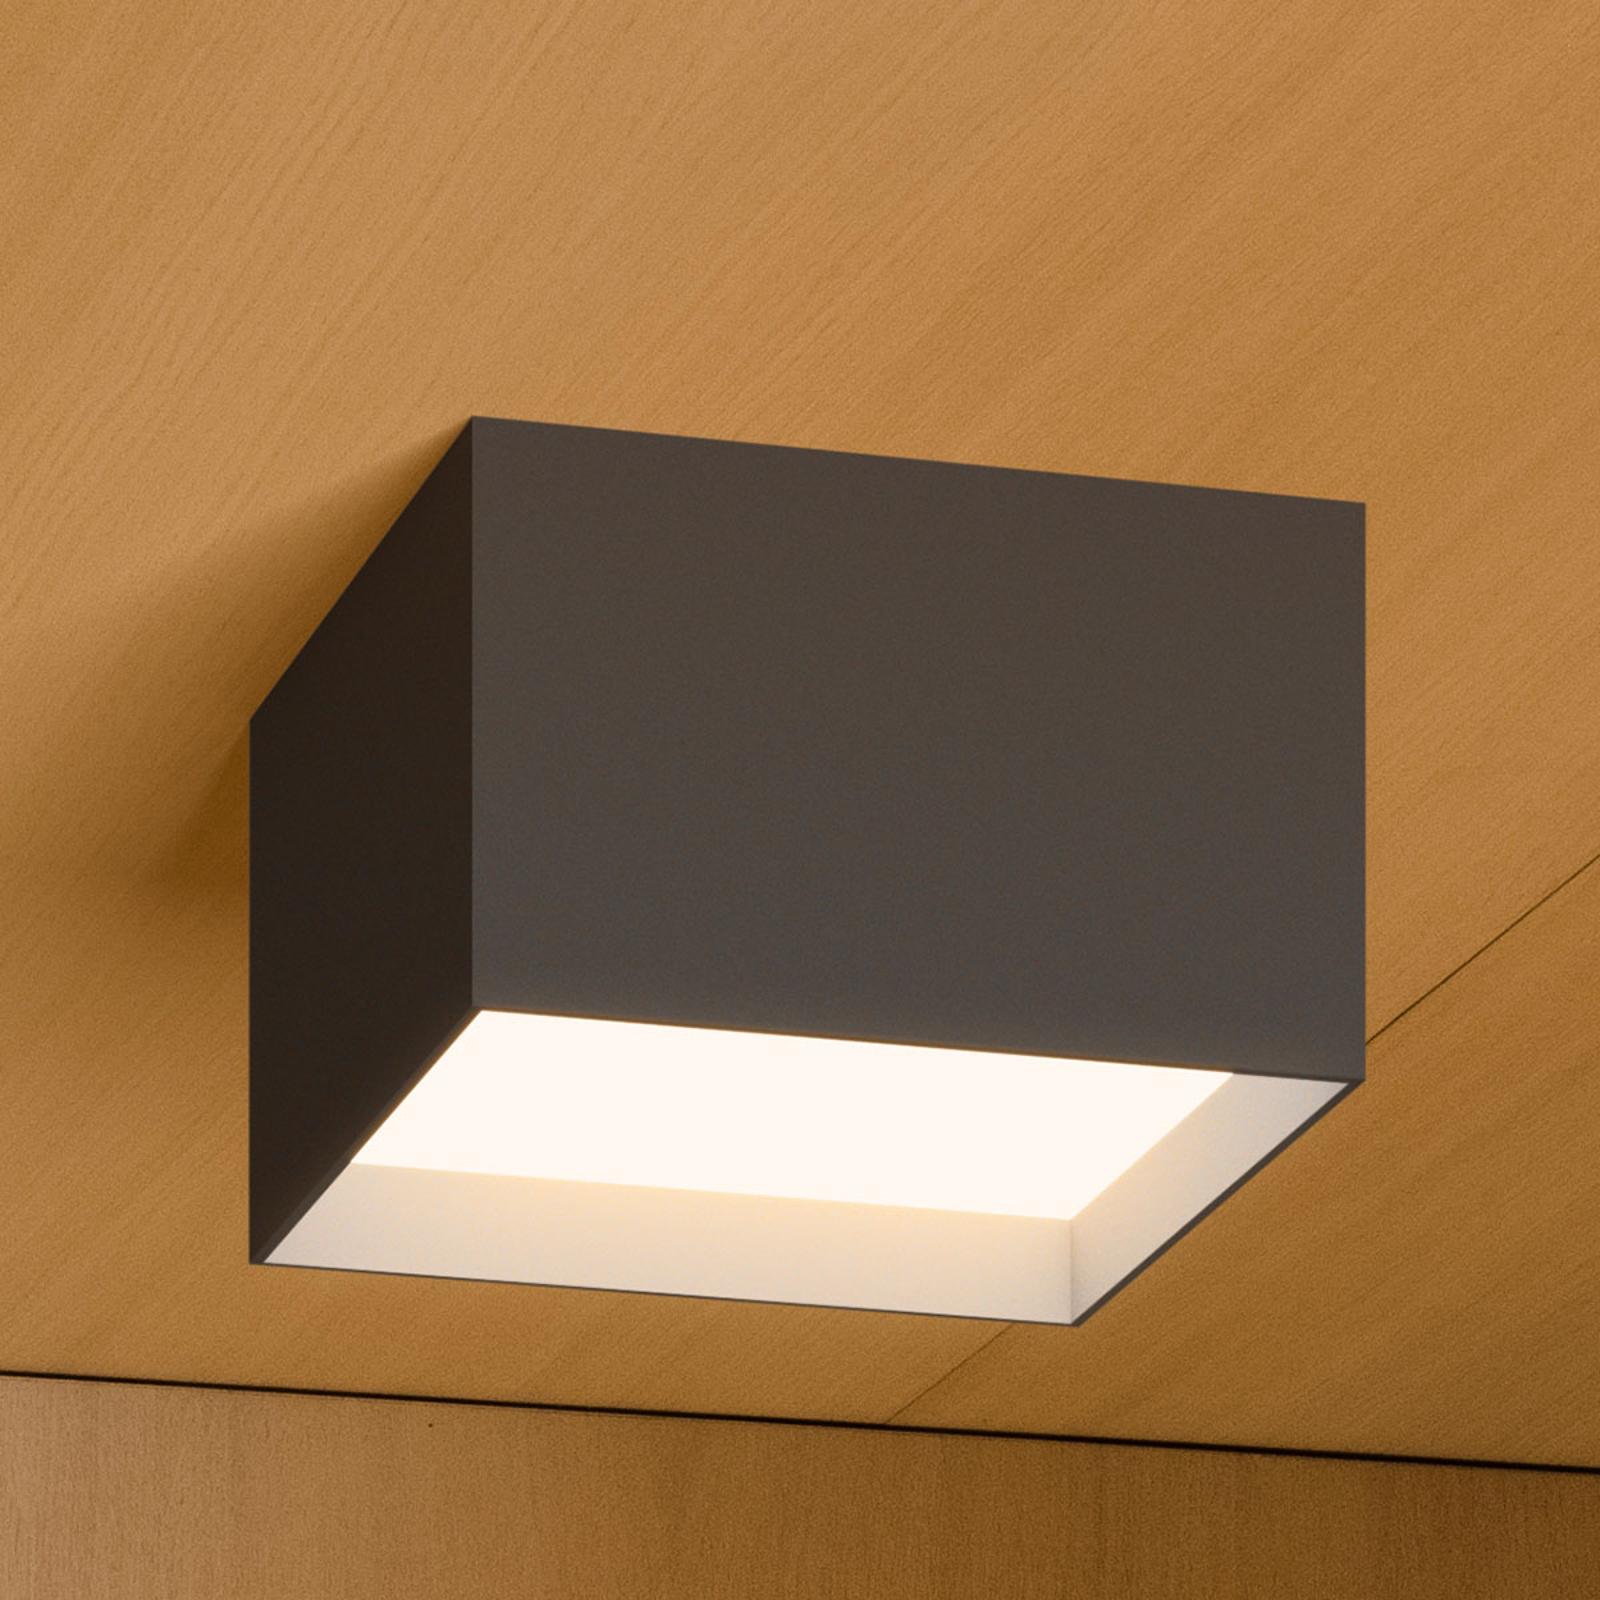 Vibia Structural 2632 taklampe 24 cm, mørkegrå